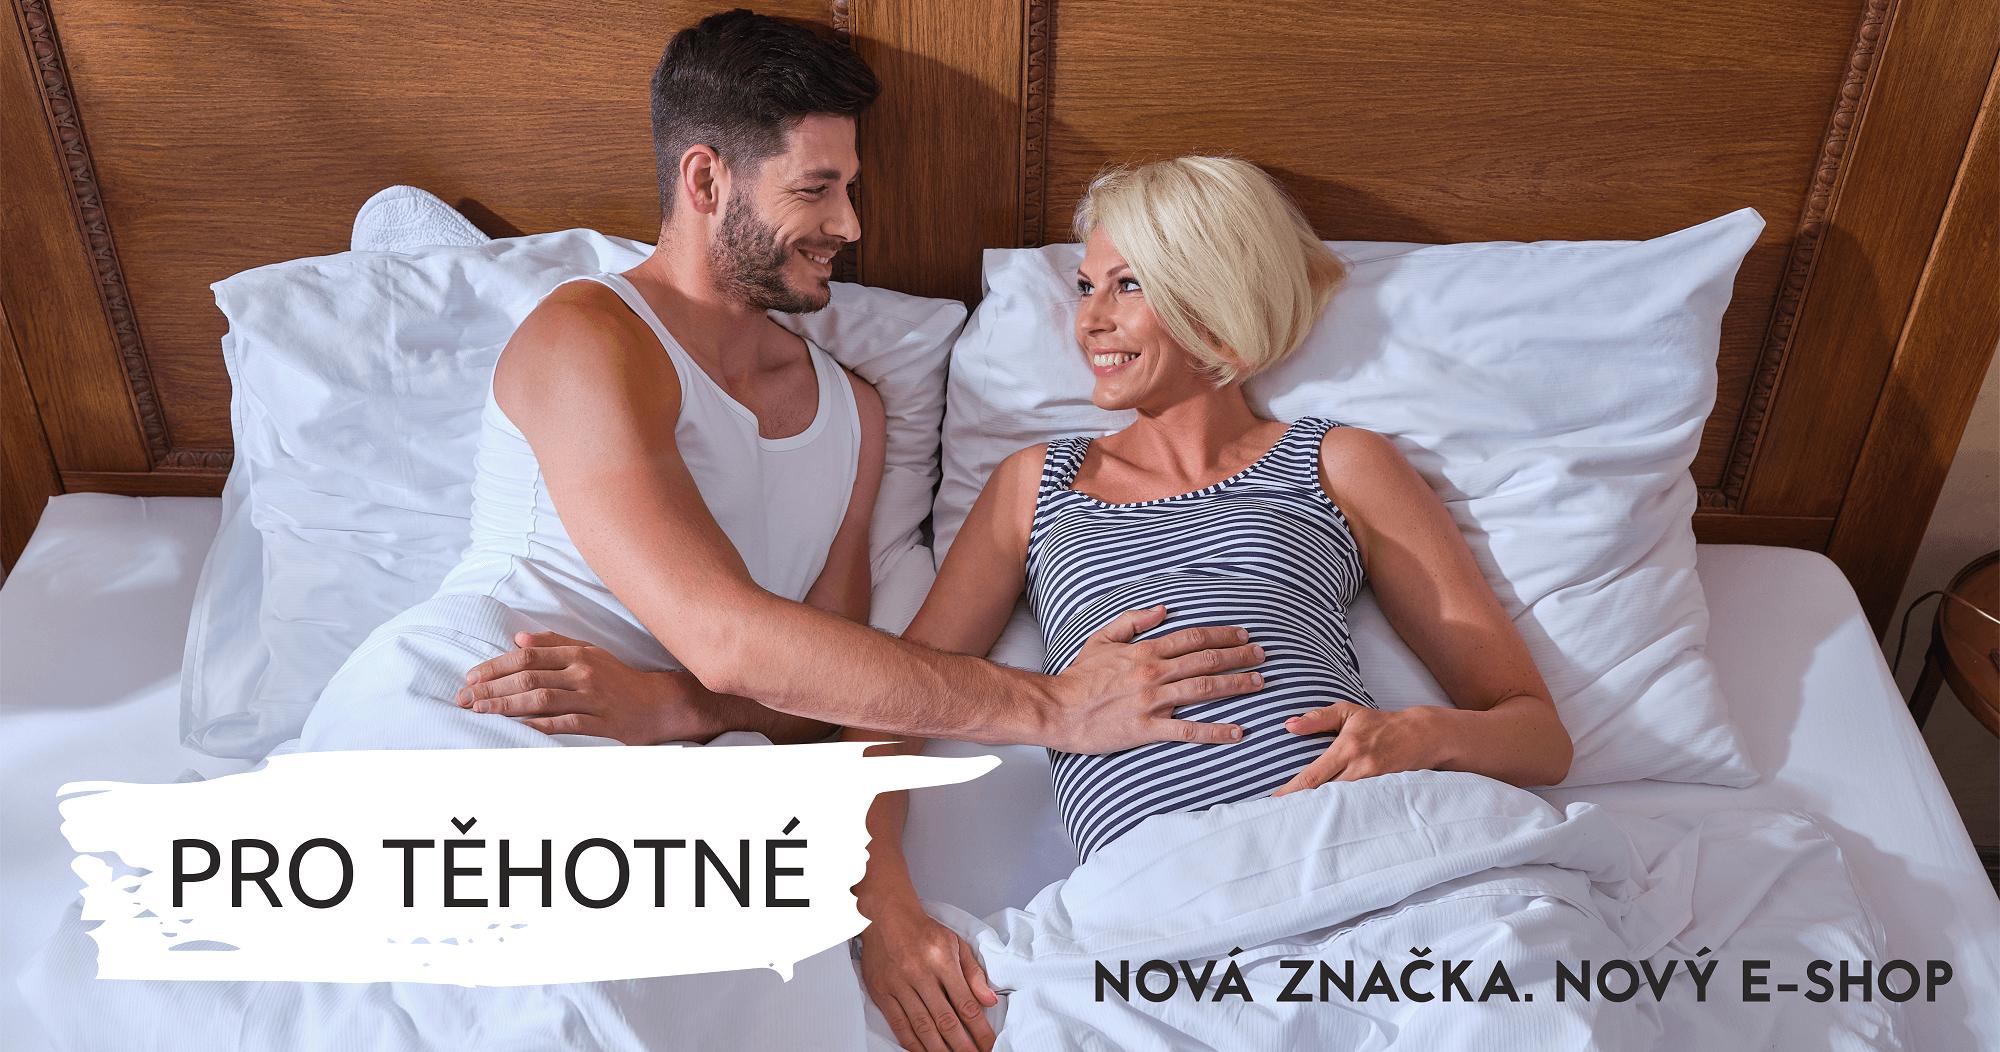 Funkční oblečení pro těhotné. Česká výroba. Nová značka Baridi wear.